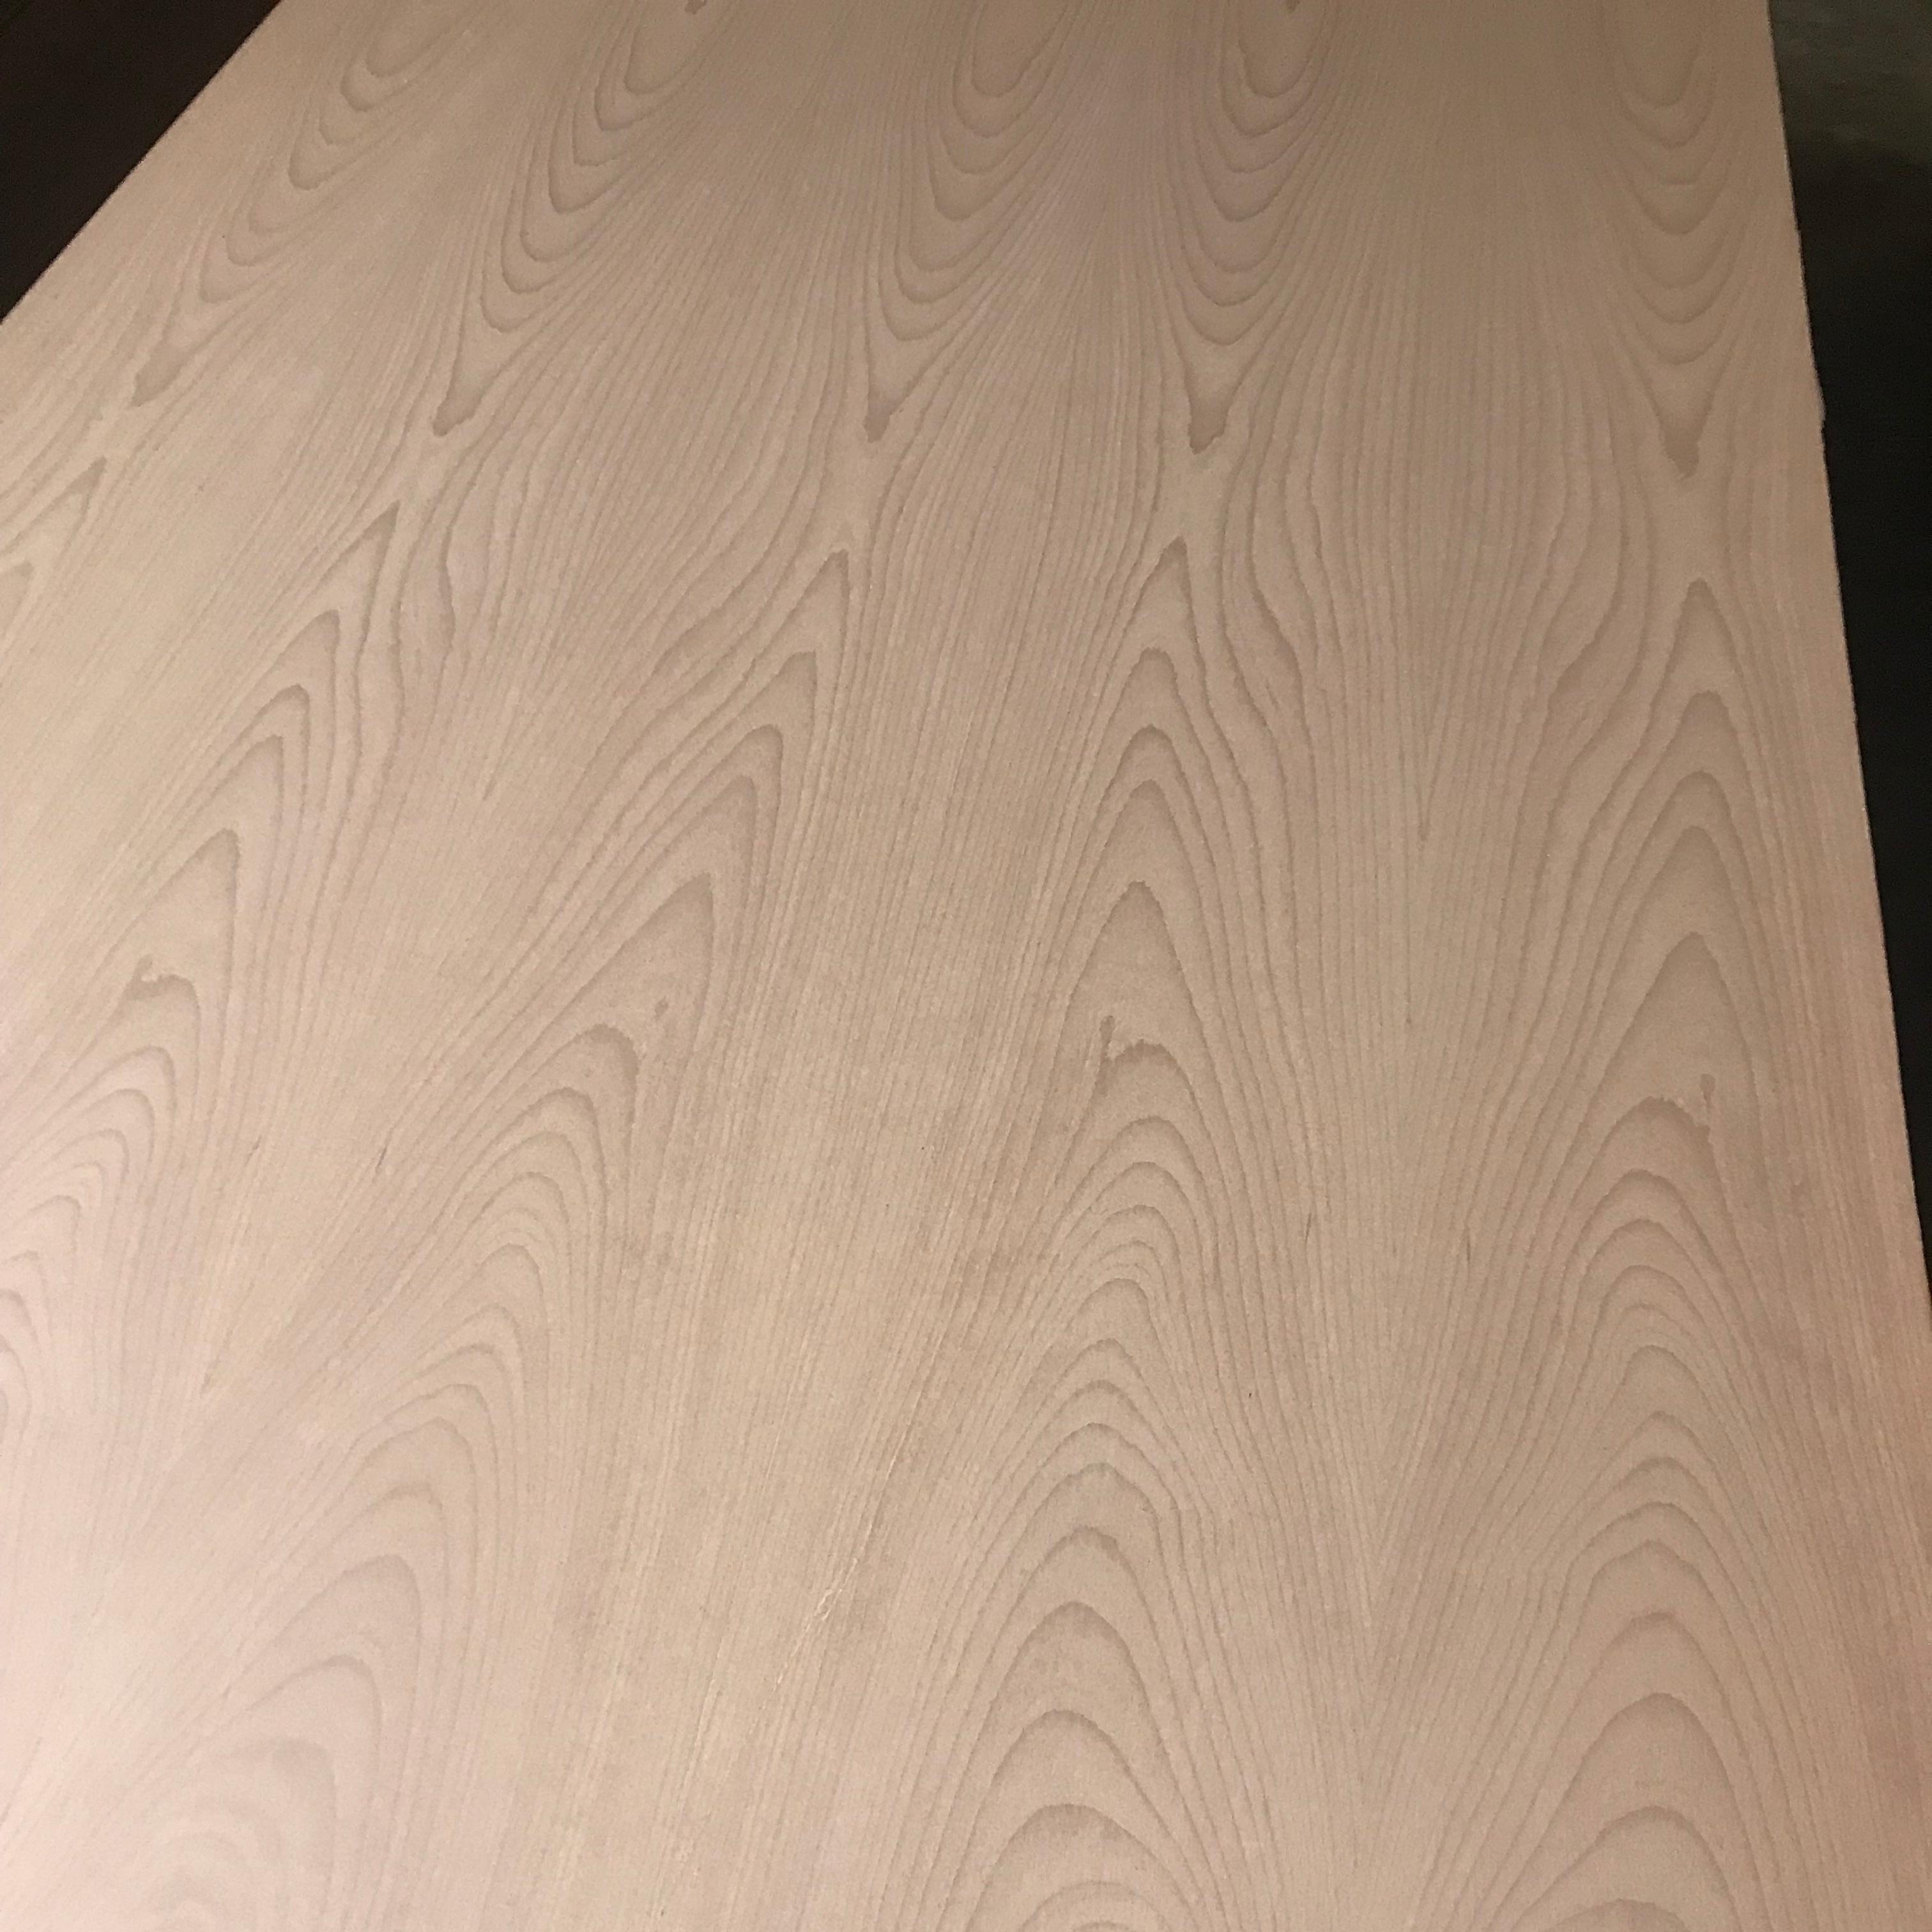 Beech Plywood Sheet 4x8 Sapeli Teak Oak Beech